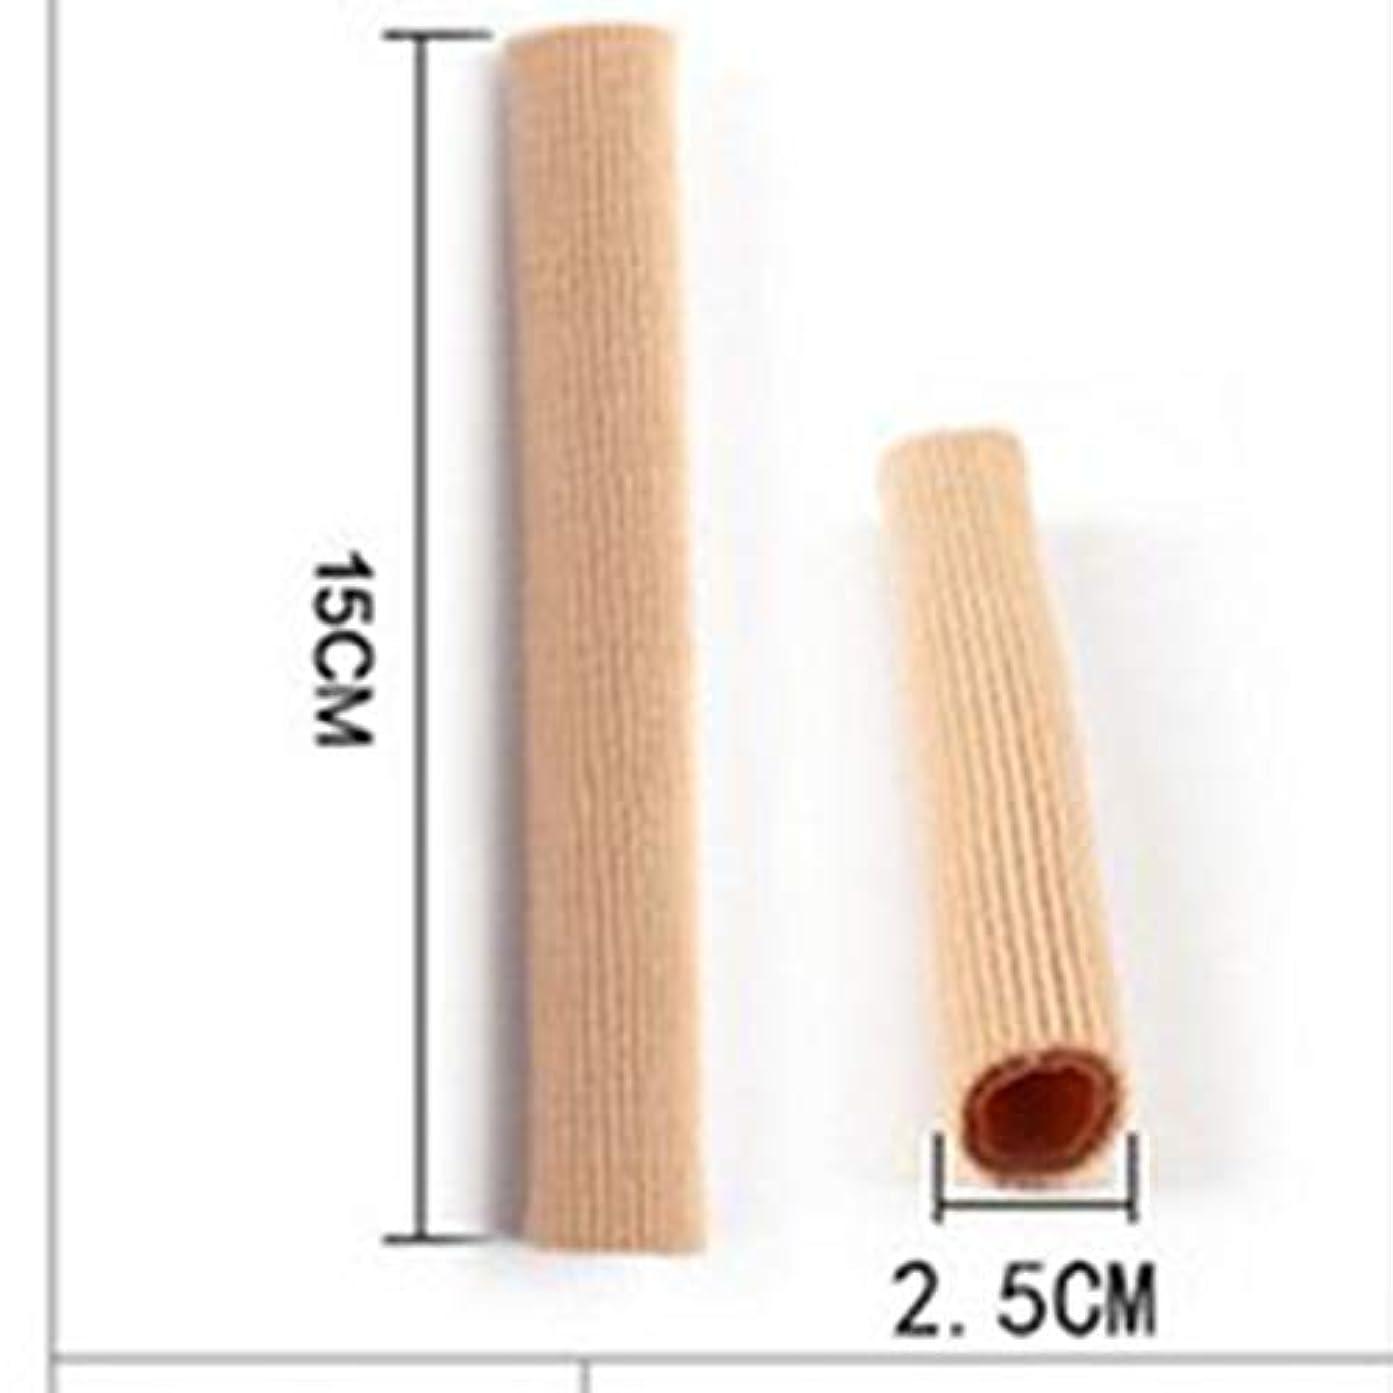 葡萄雰囲気札入れOpen Toe Tubes Gel Lined Fabric Sleeve Protectors To Prevent Corns, Calluses And Blisters While Softening And...